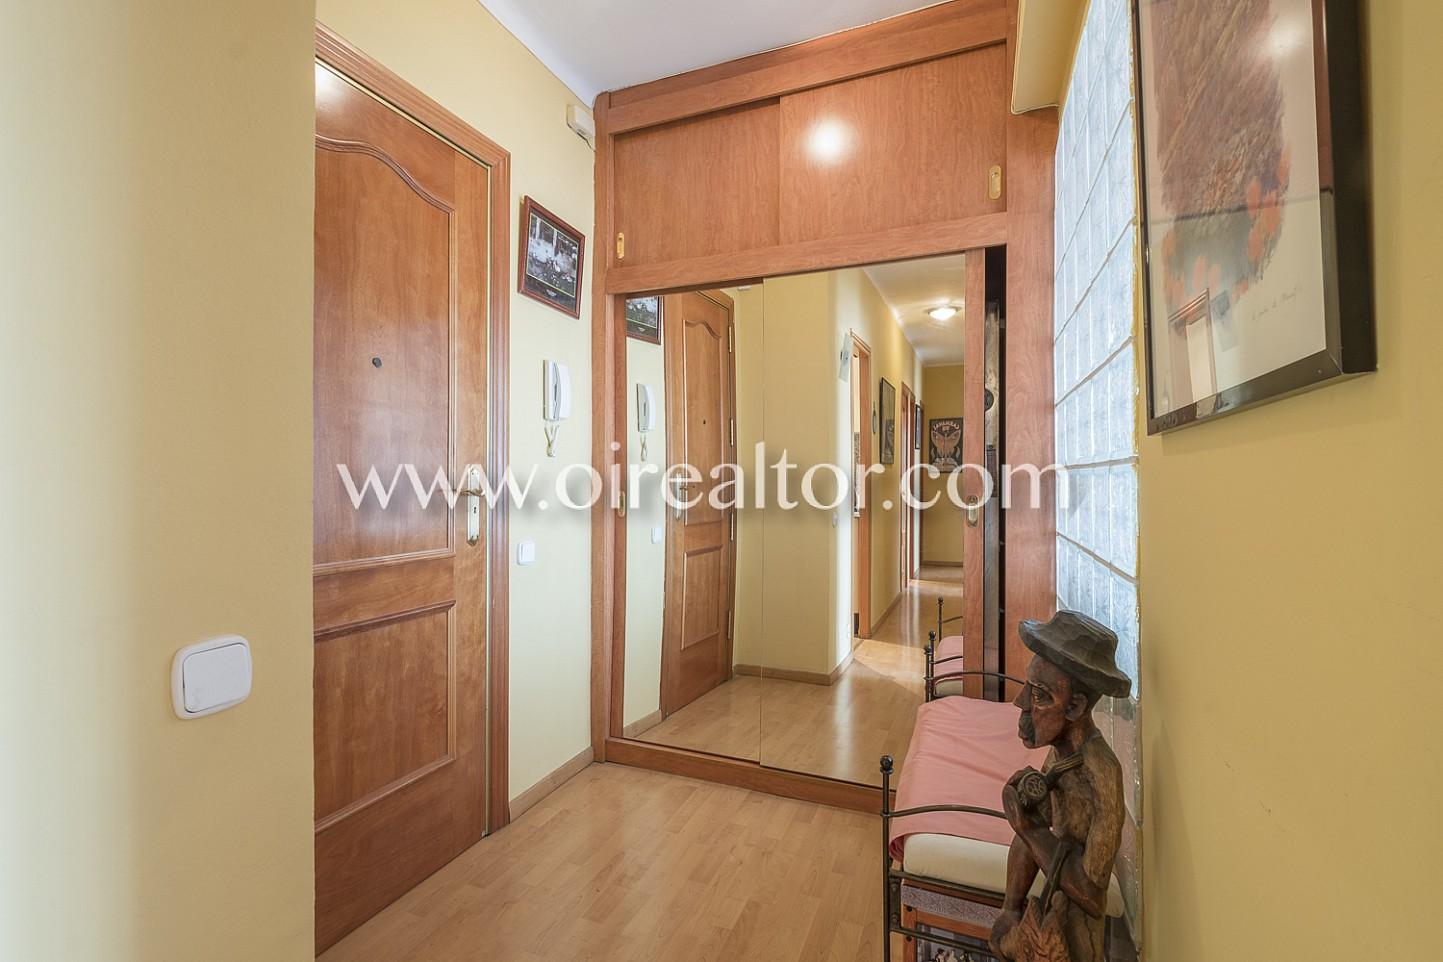 Recibidor, pasillo, puerta, entrada, piso,